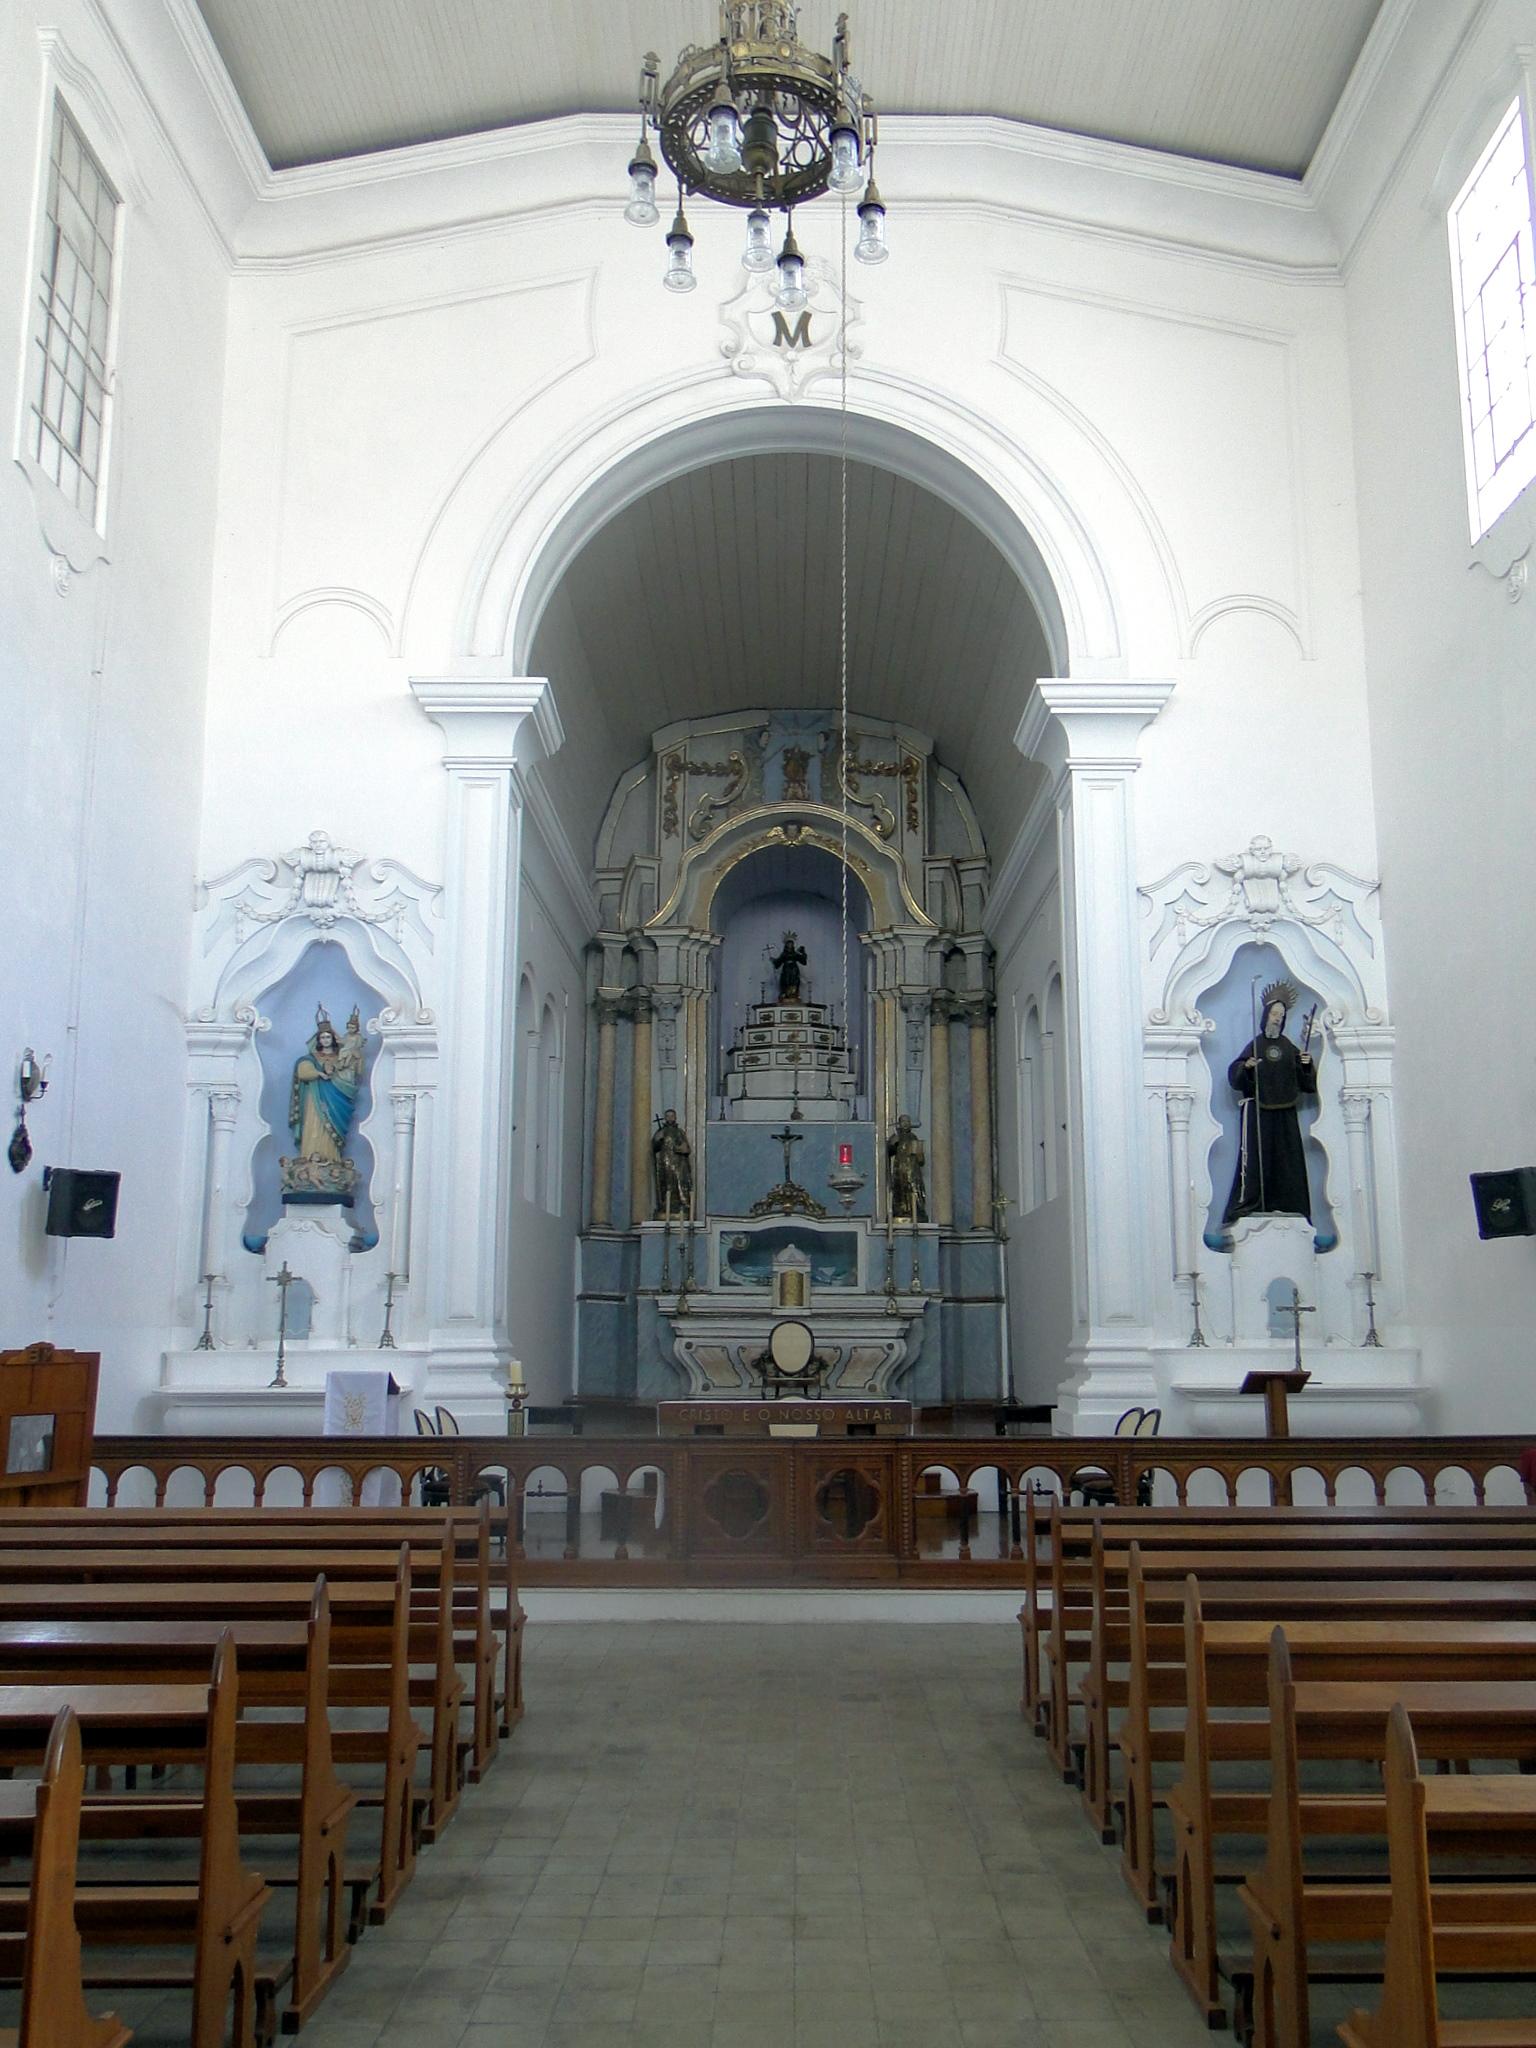 #5E4630 Igreja dos Casamentos Duradouros e Felizes 1206 Portas E Janelas De Madeira Em Vitoria Da Conquista